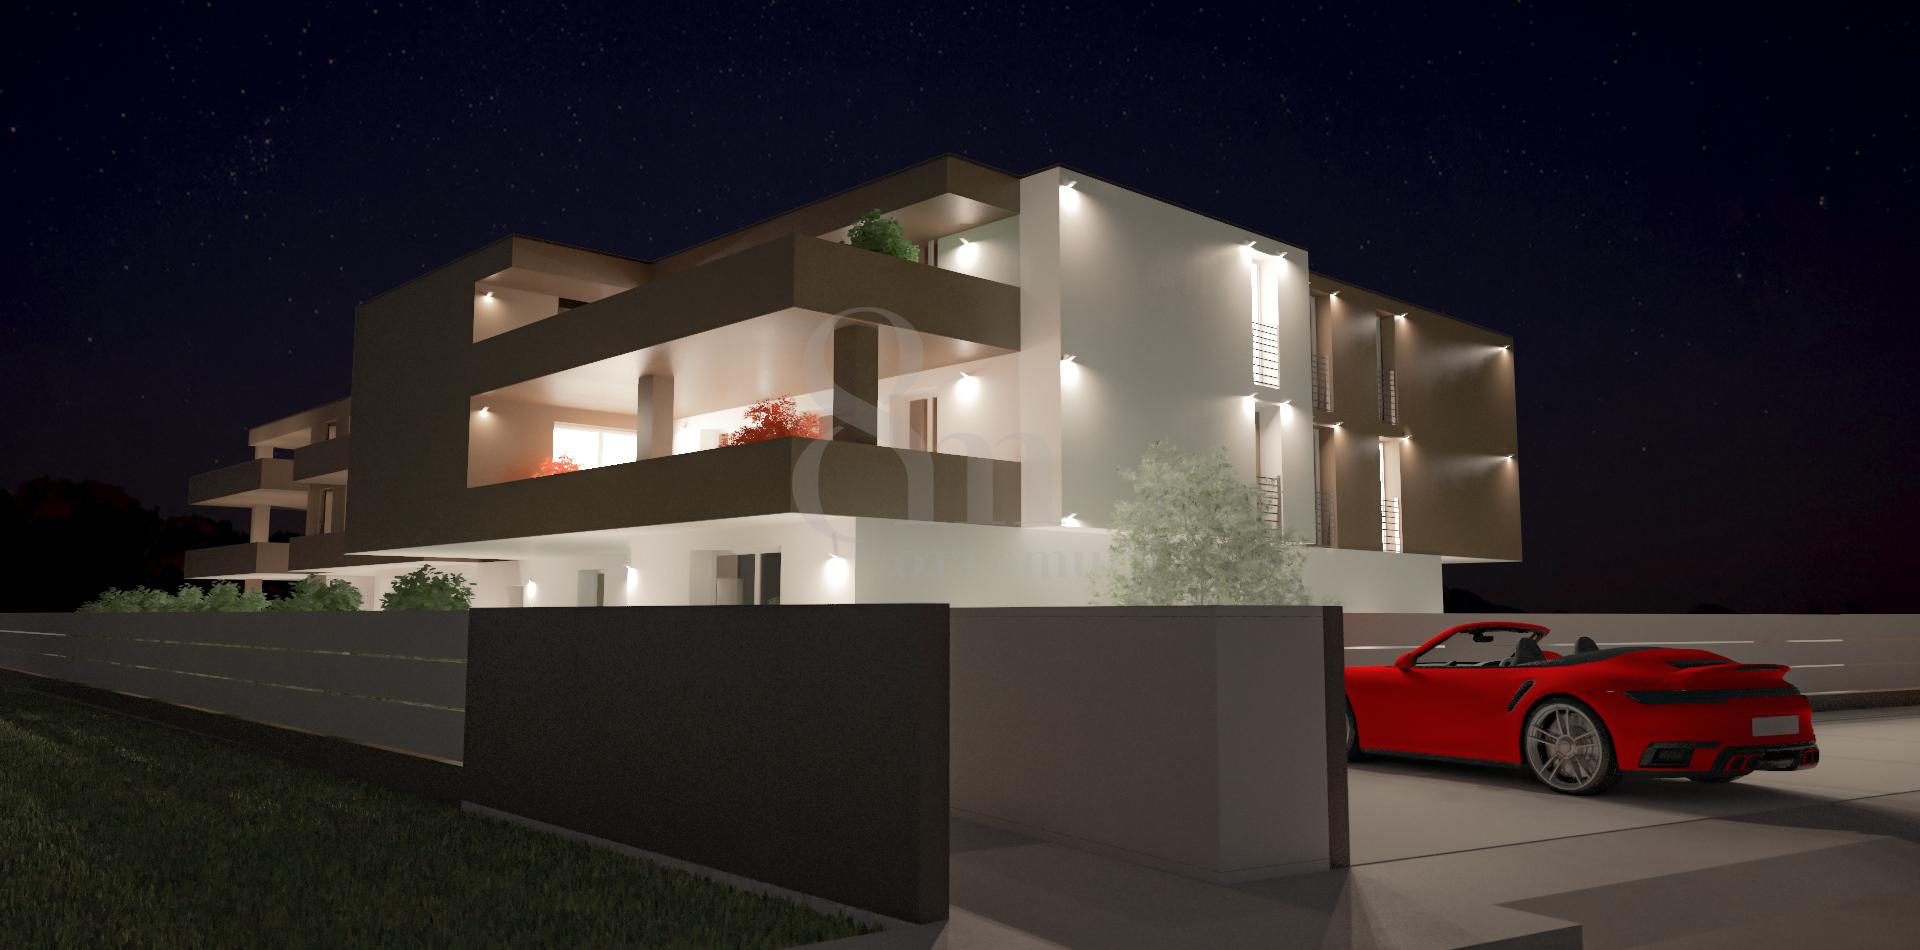 Vendita Appartamento Sant'Angelo di piove di sacco SA-06. Nuovo, Garage singolo, Riscaldamento Autonomo, 75 mq.